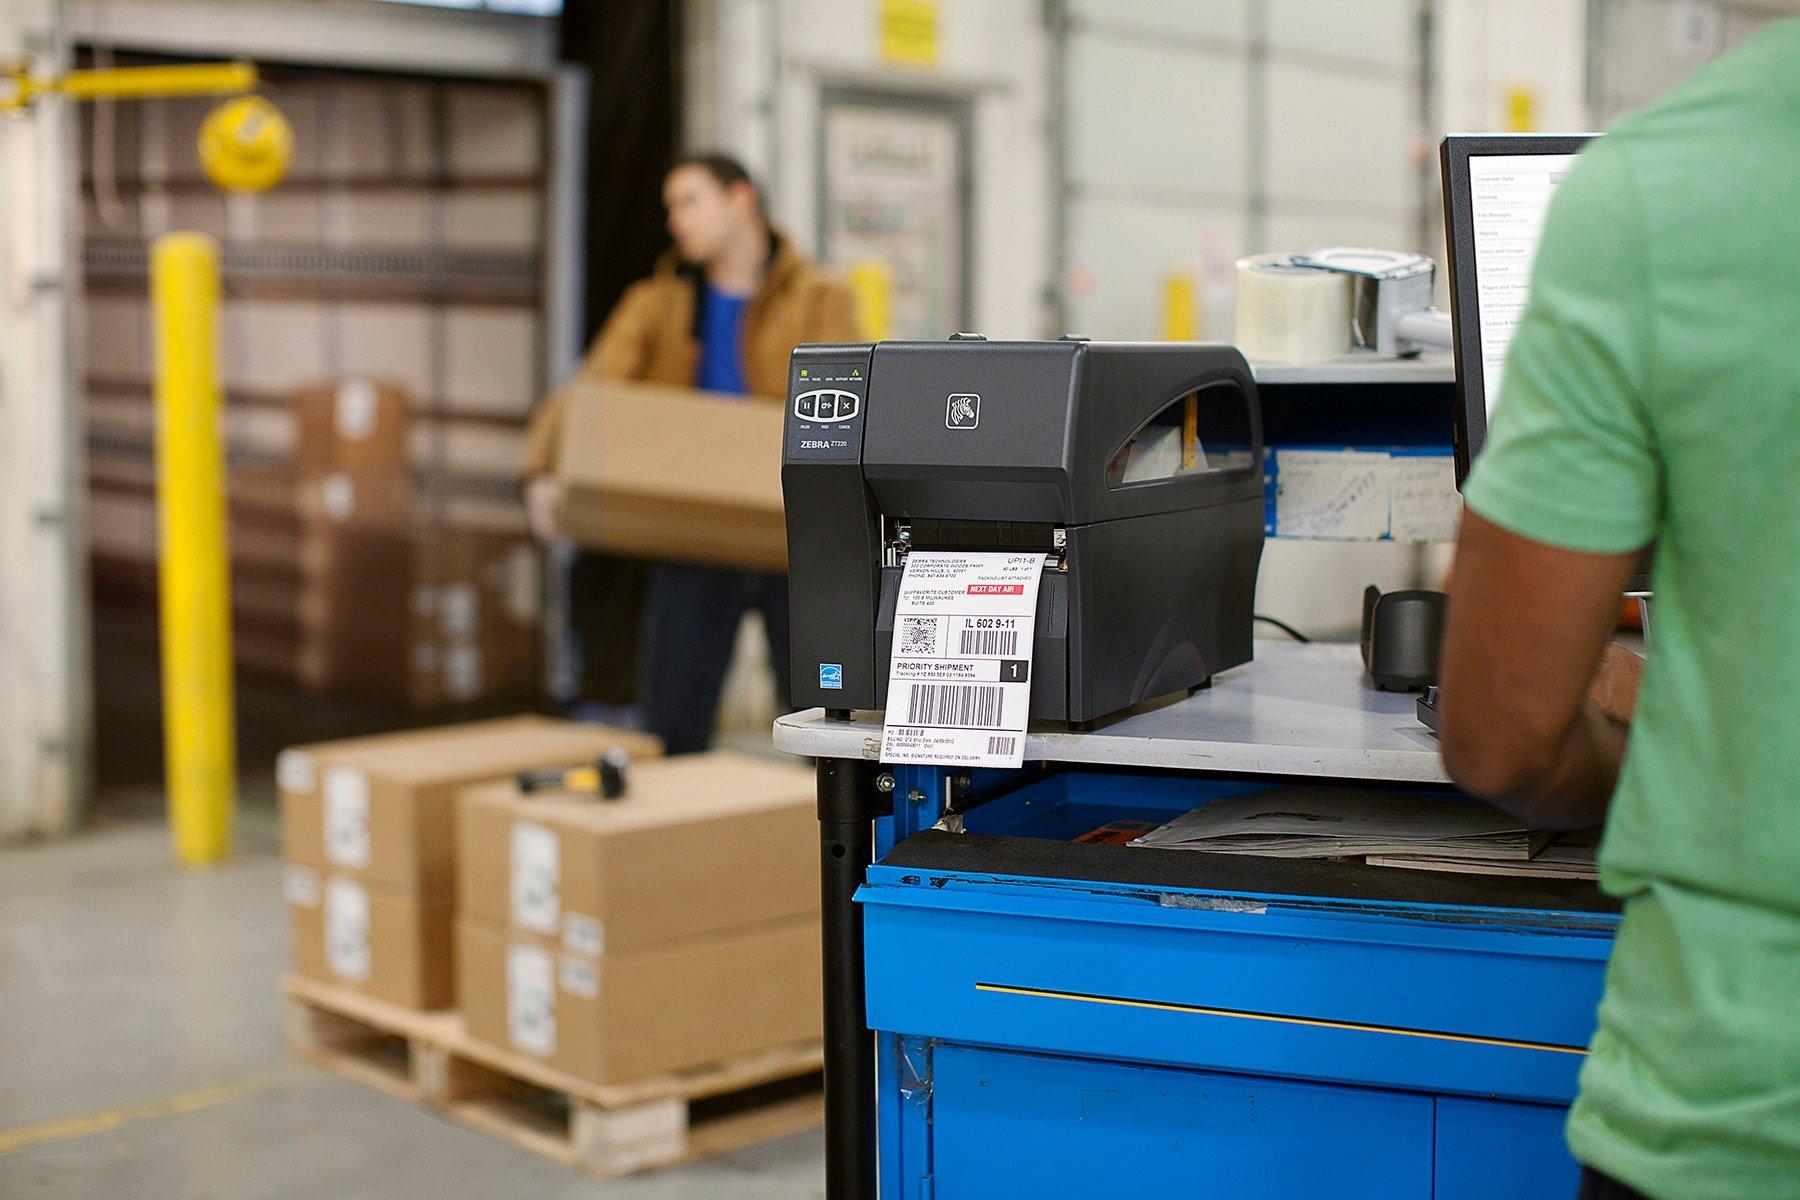 weber printer applicator 5200 manual